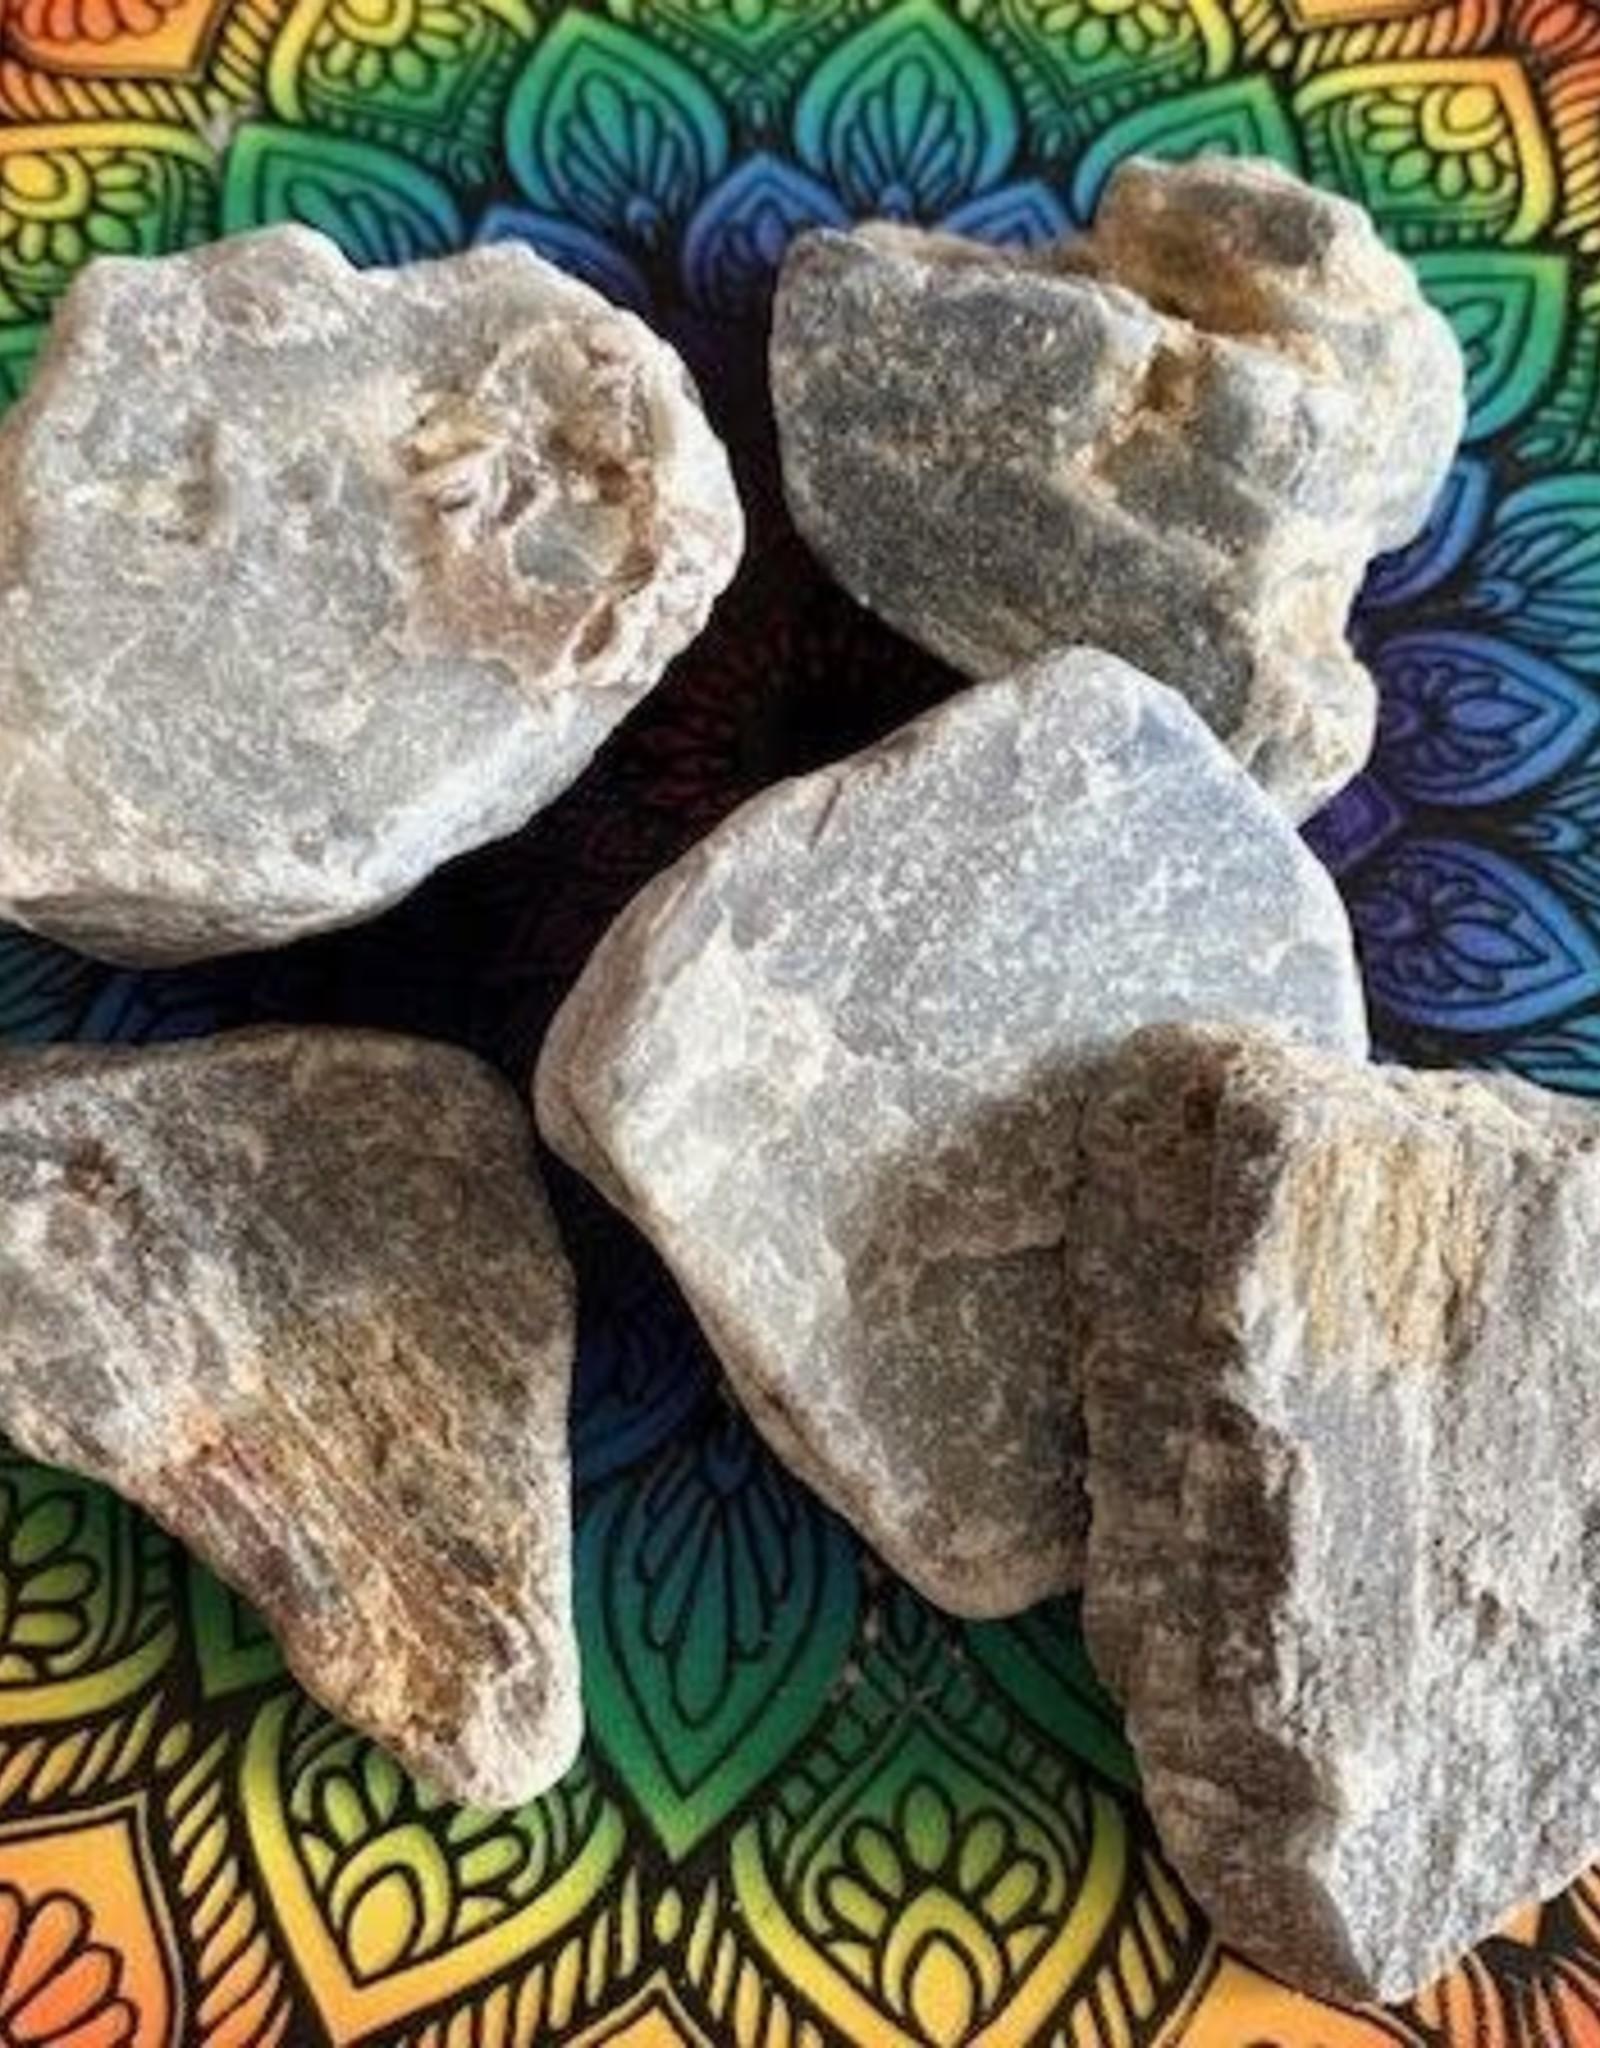 Blue Sapphire Rough for spiritual wisdom